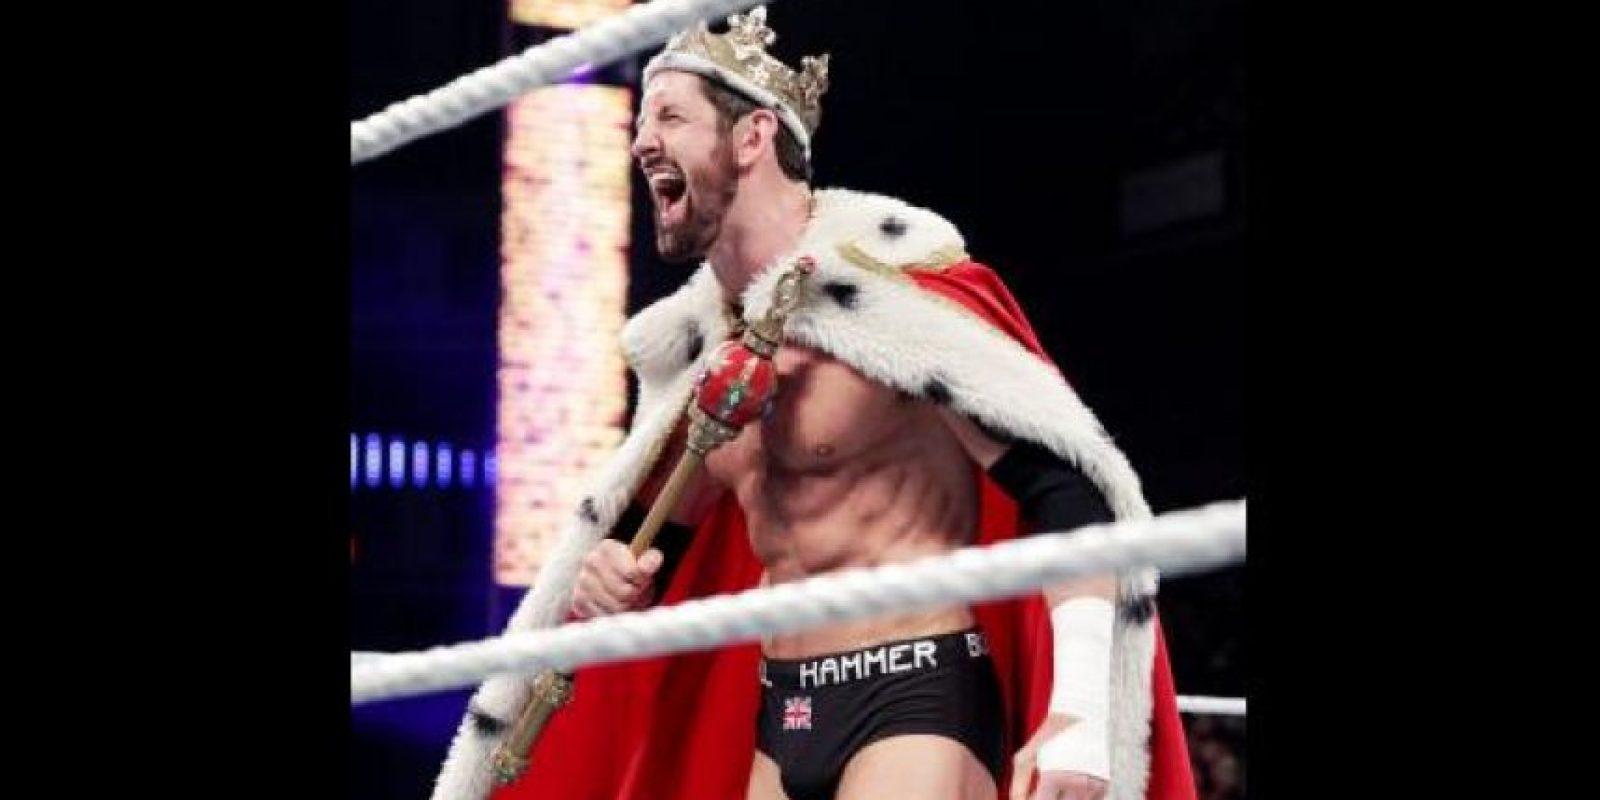 Superó a King Barrett por conte de 10 afuera de ring Foto:WWE